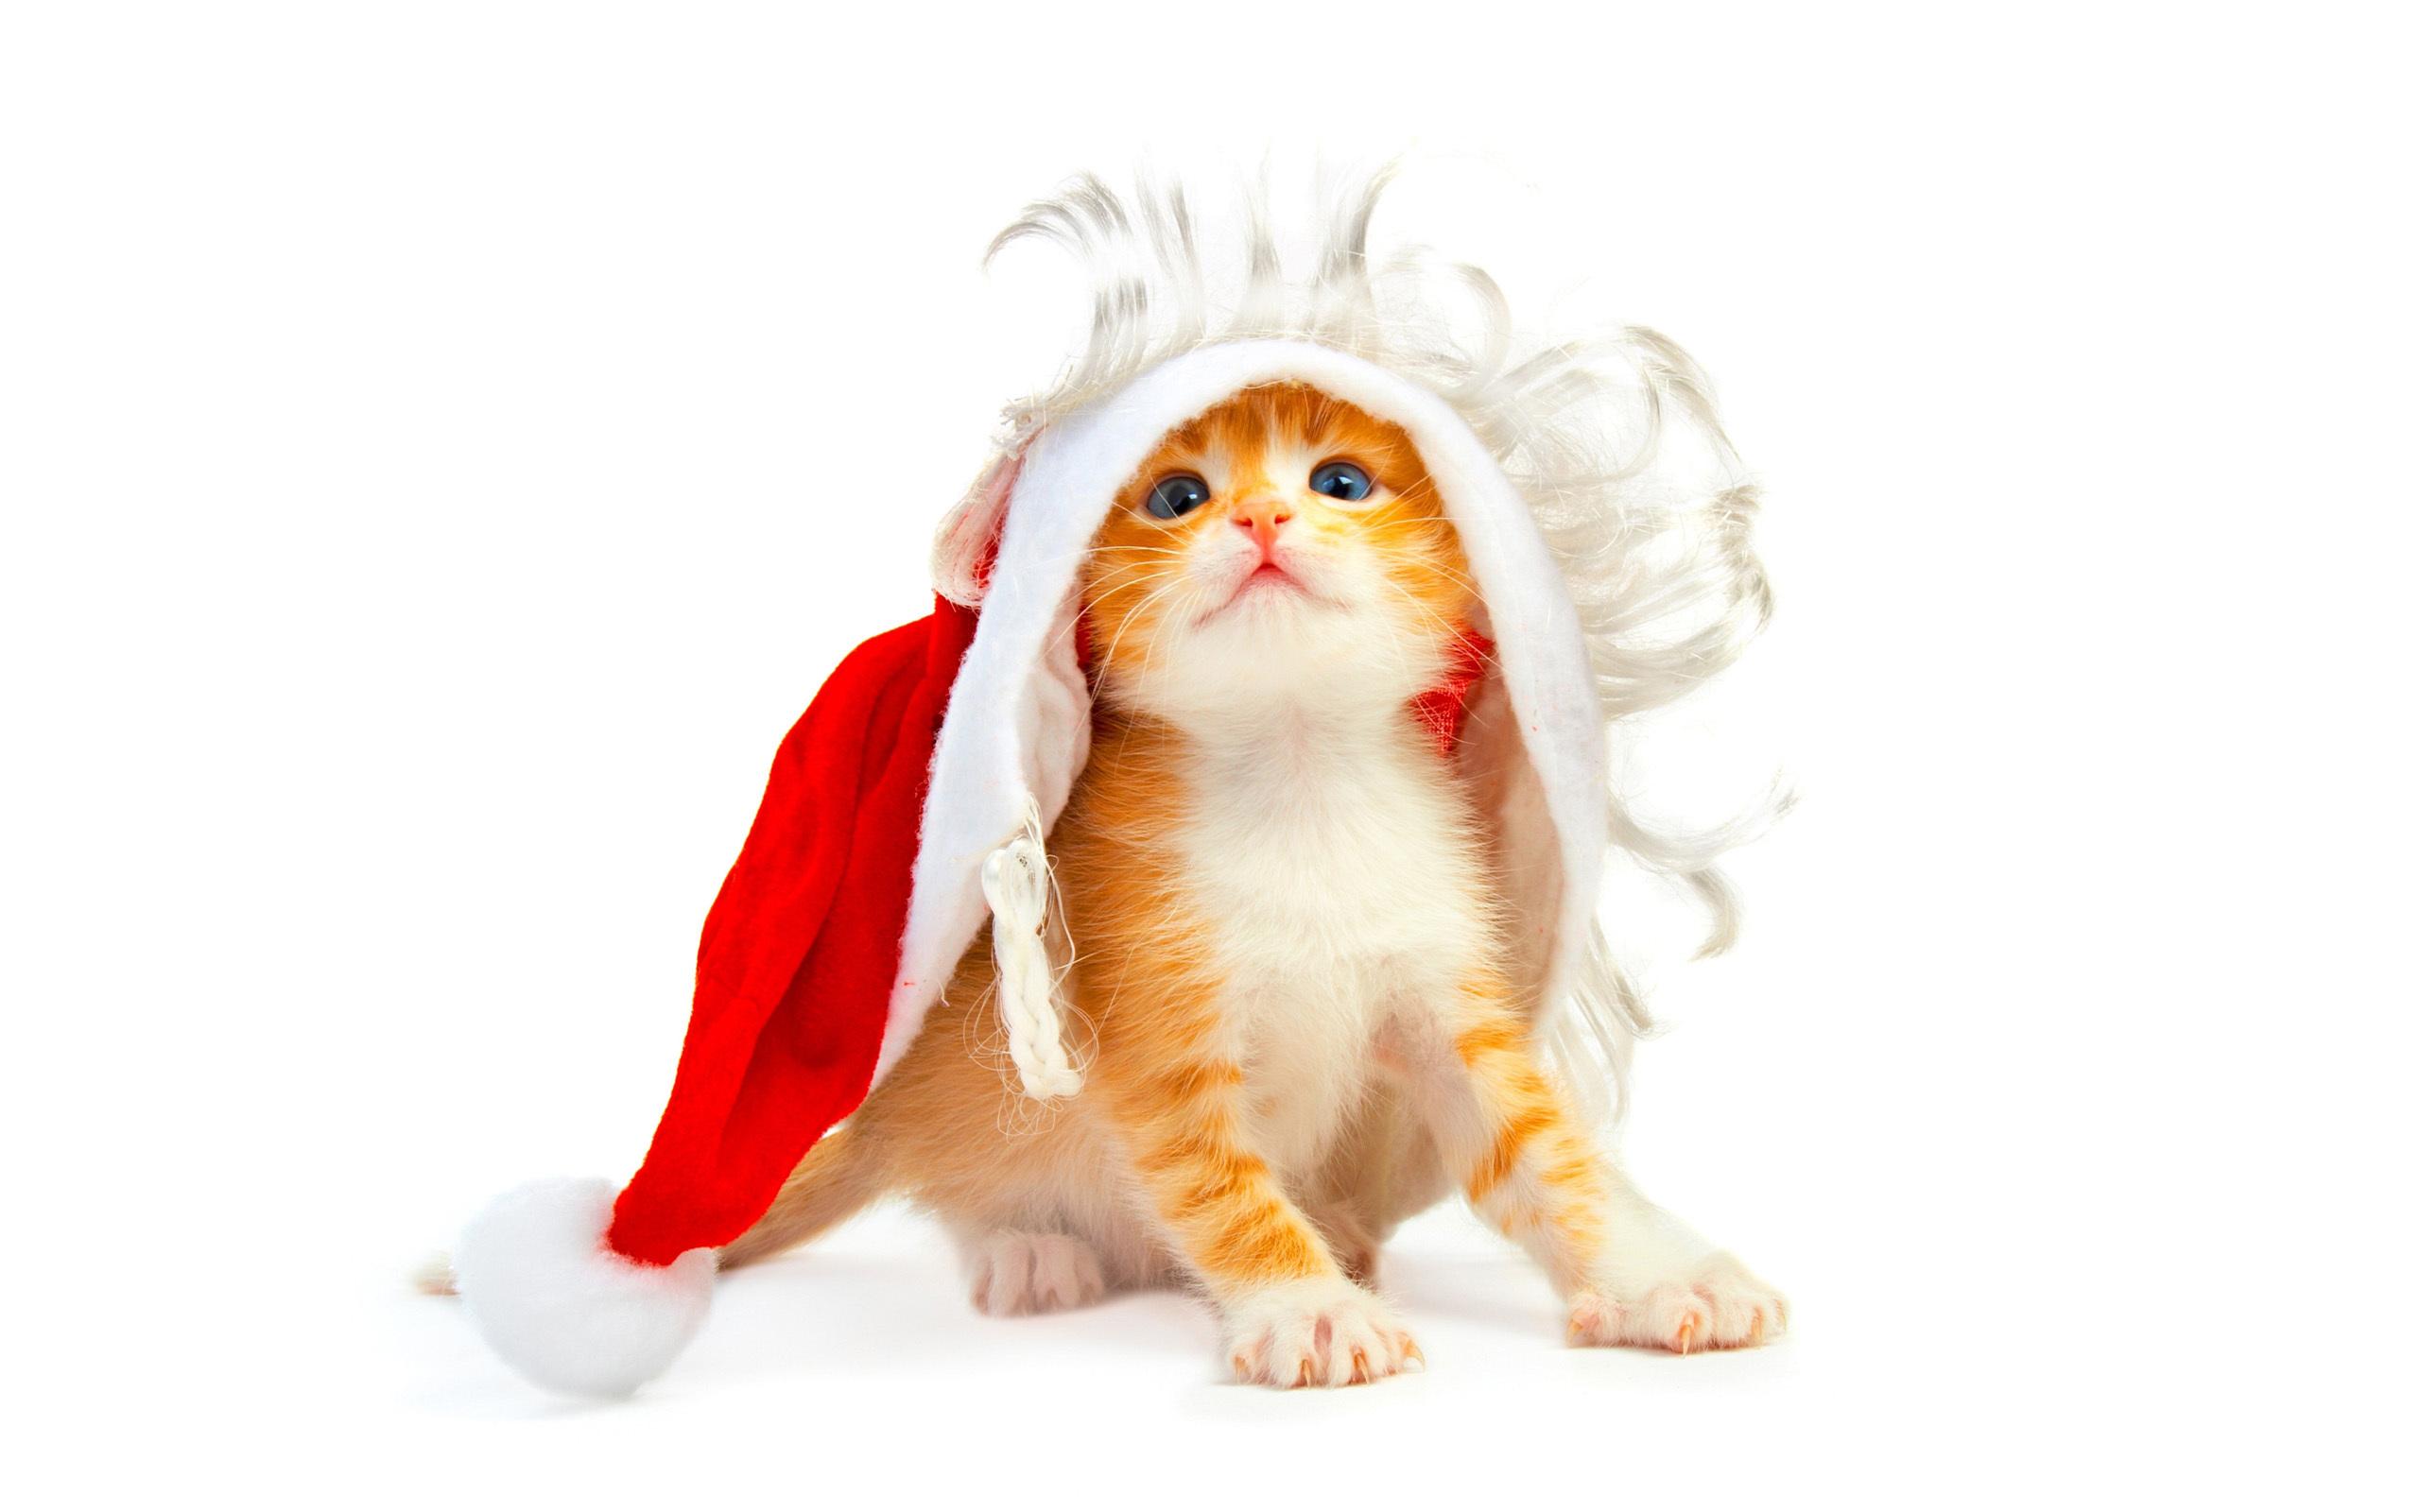 8098 скачать обои Праздники, Животные, Кошки (Коты, Котики), Новый Год (New Year), Рождество (Christmas, Xmas), Открытки - заставки и картинки бесплатно